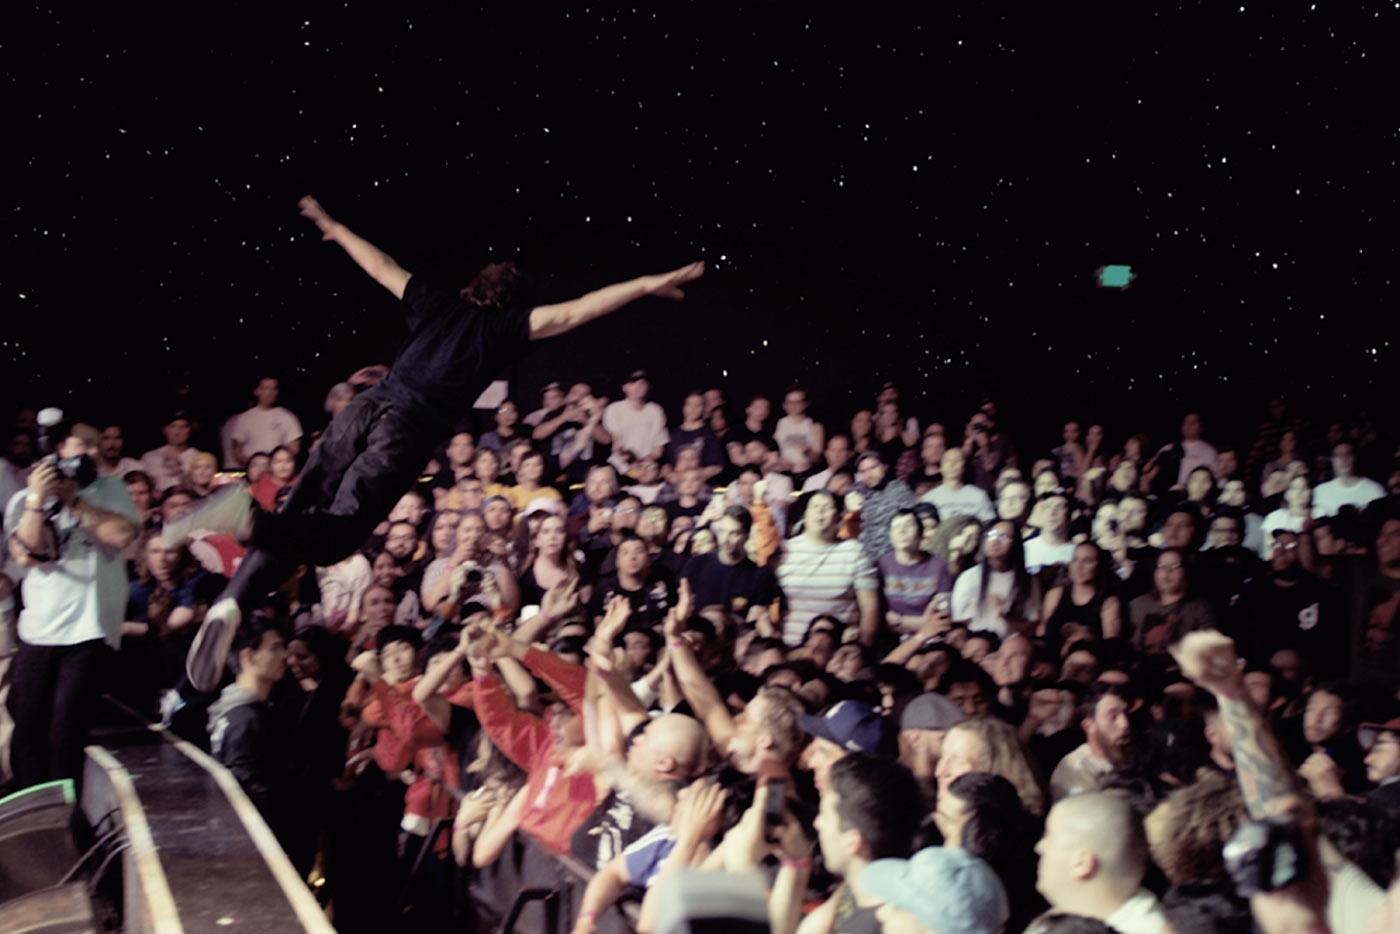 Turnstile lanzan un videoclip/oda al stage diving